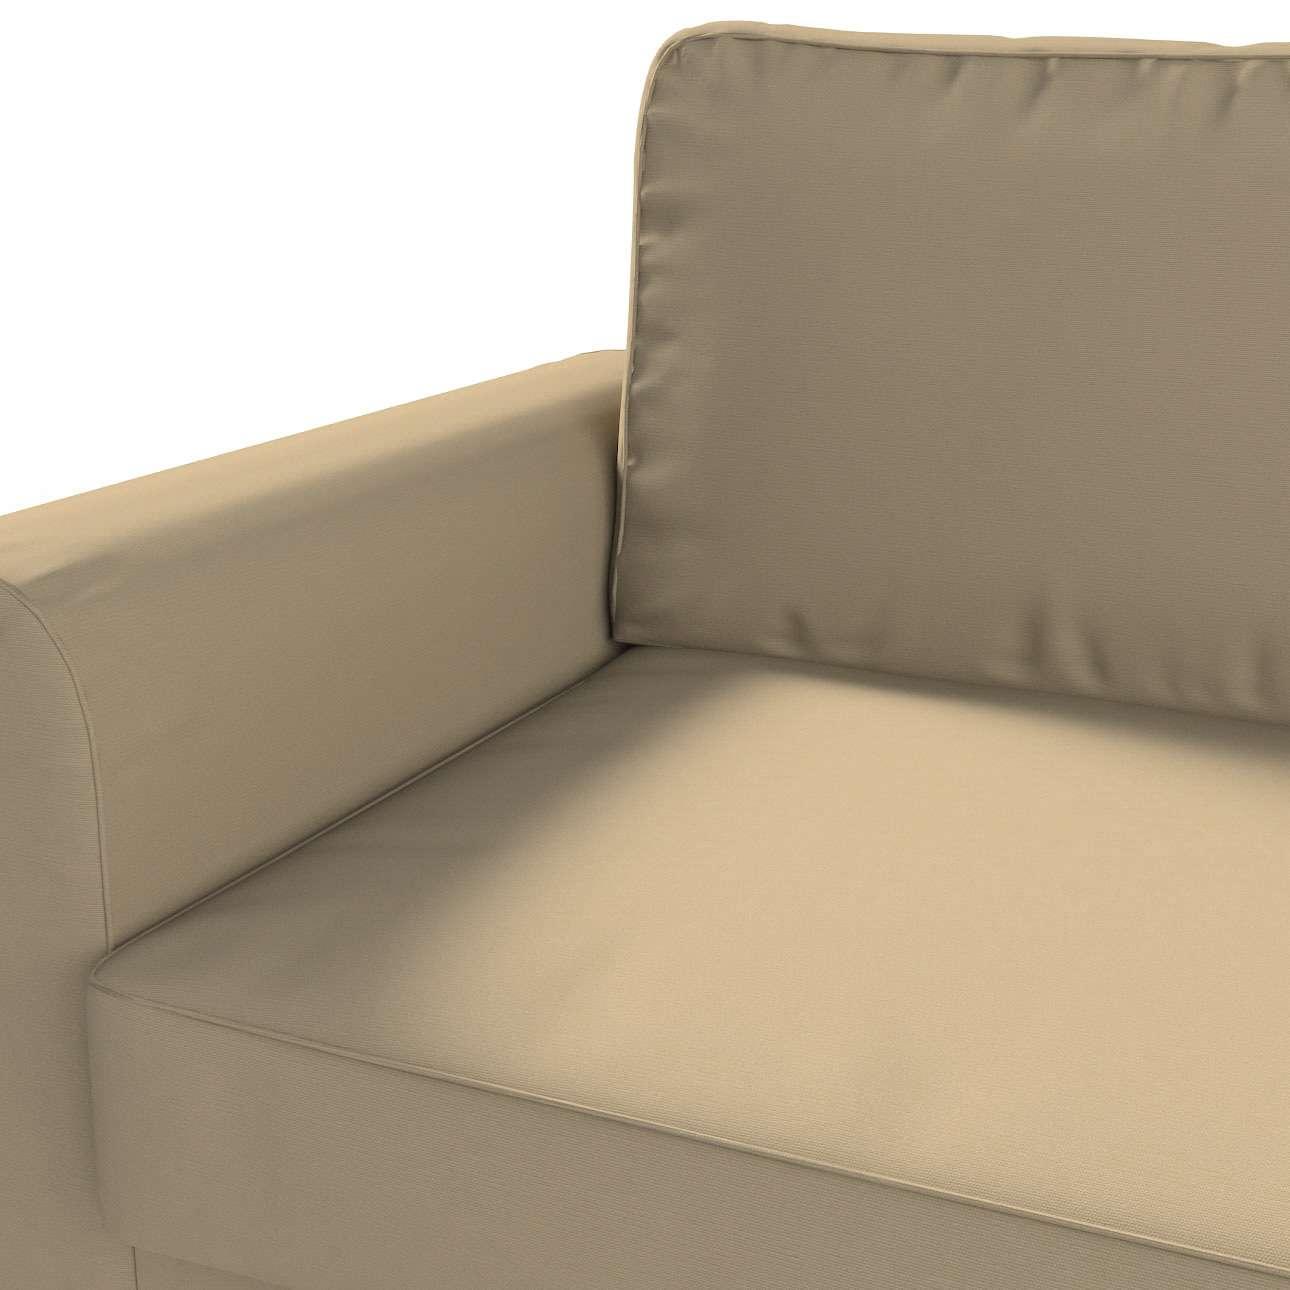 Bezug für Backabro 3-Sitzer Sofa ausklappbar von der Kollektion Cotton Panama, Stoff: 702-01